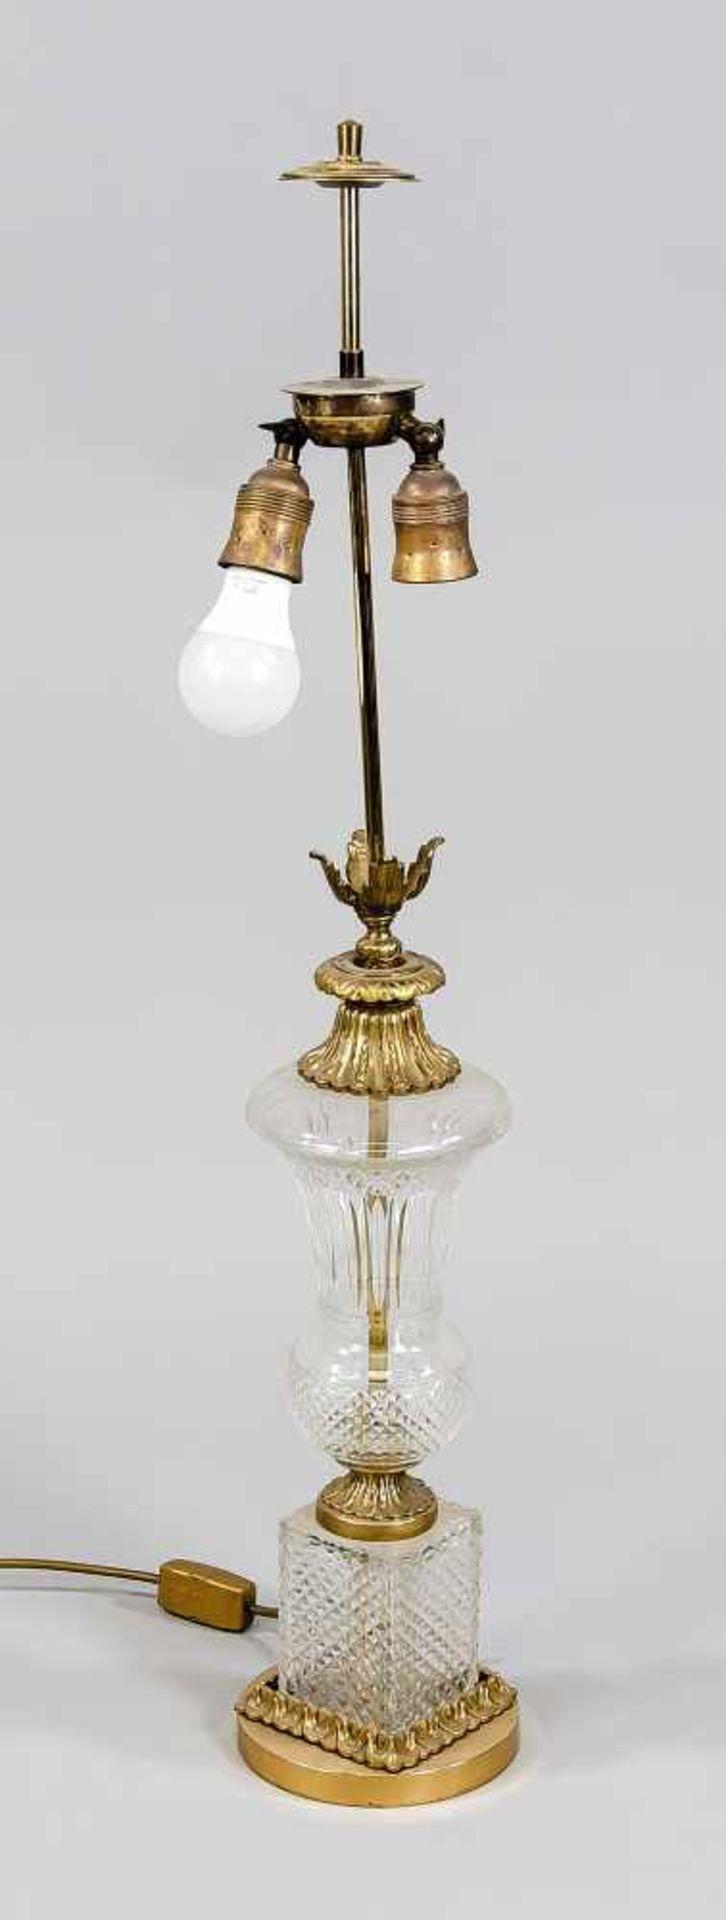 Lampenfuß, Mitte 20. Jh. Runder Messingsockel, Glaspostament mit Diamantschliff, darauf